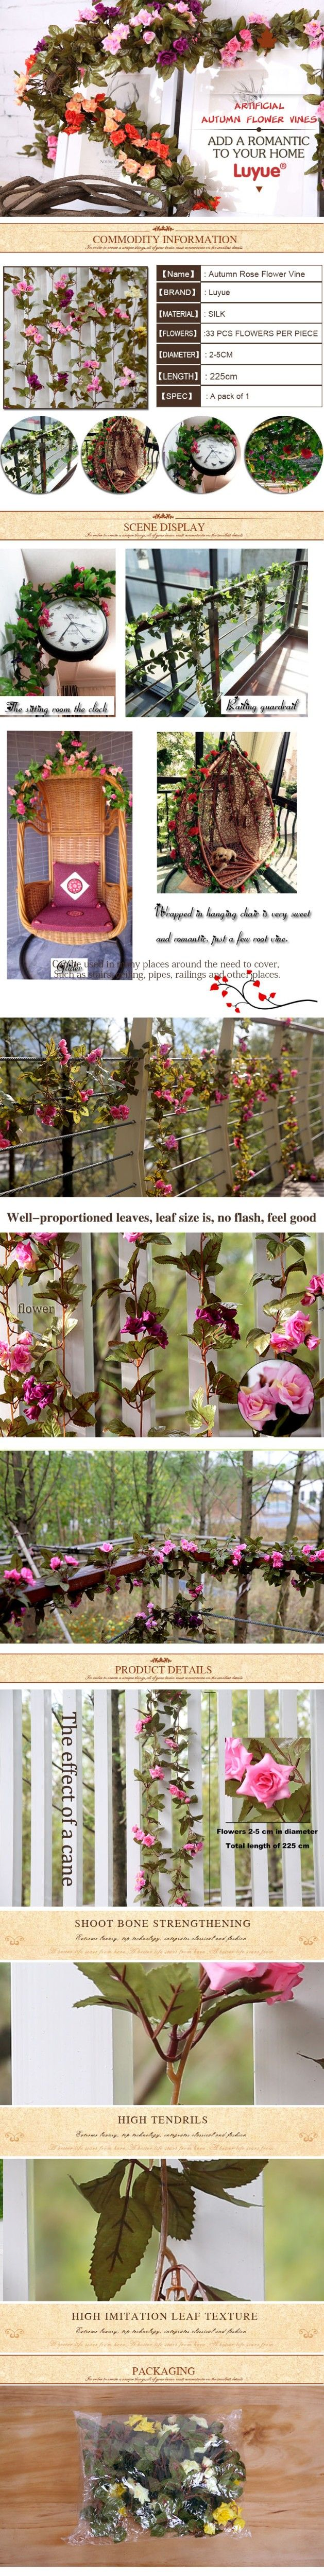 Свадебные украшения Искусственные Поддельные Шелковый Цветок Розы Вайн Висячие Garland Свадебный Home Decor Декоративные Цветы и Венки купить на AliExpress